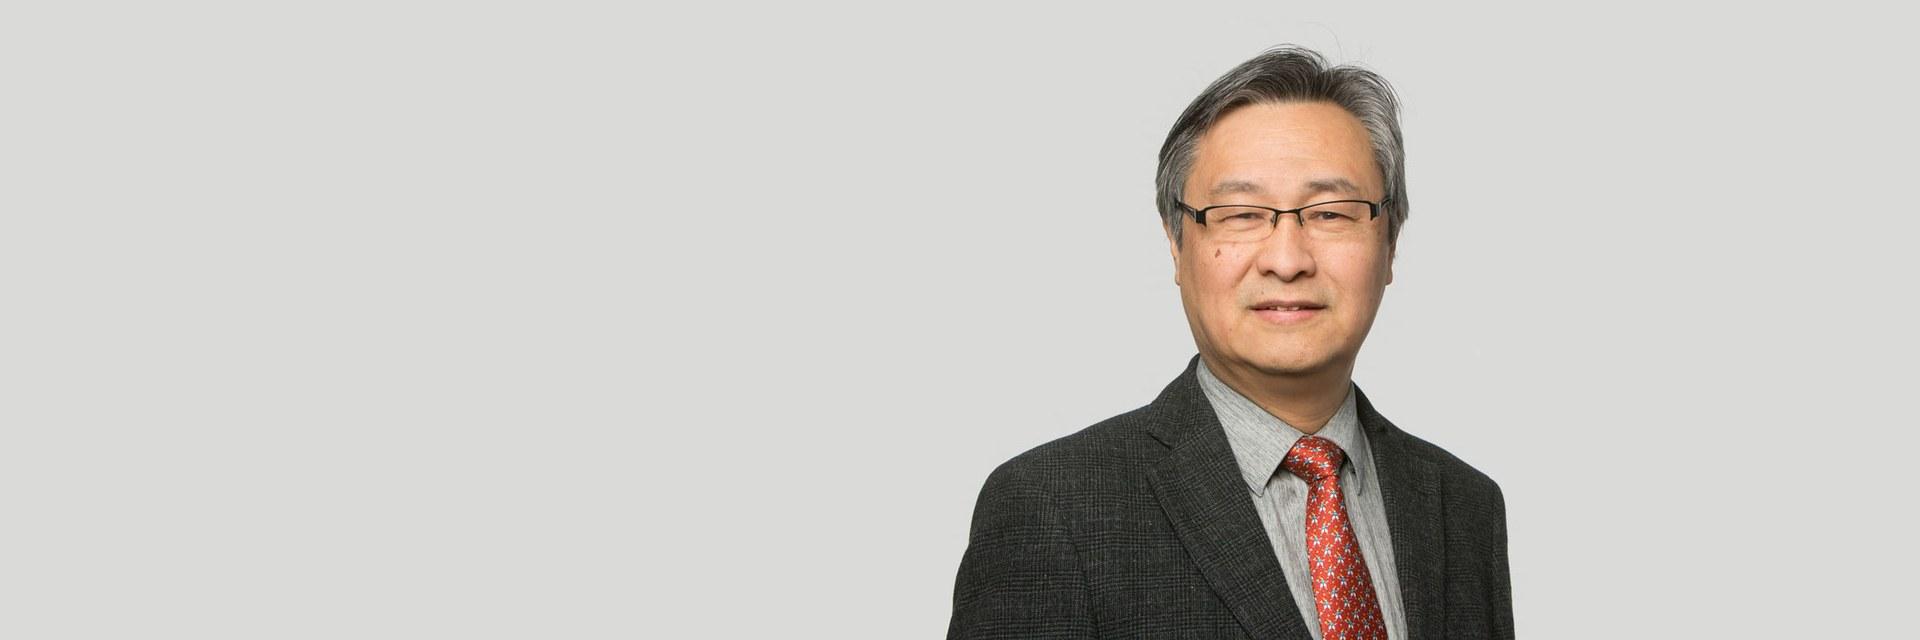 Dr. Yufan Jiang